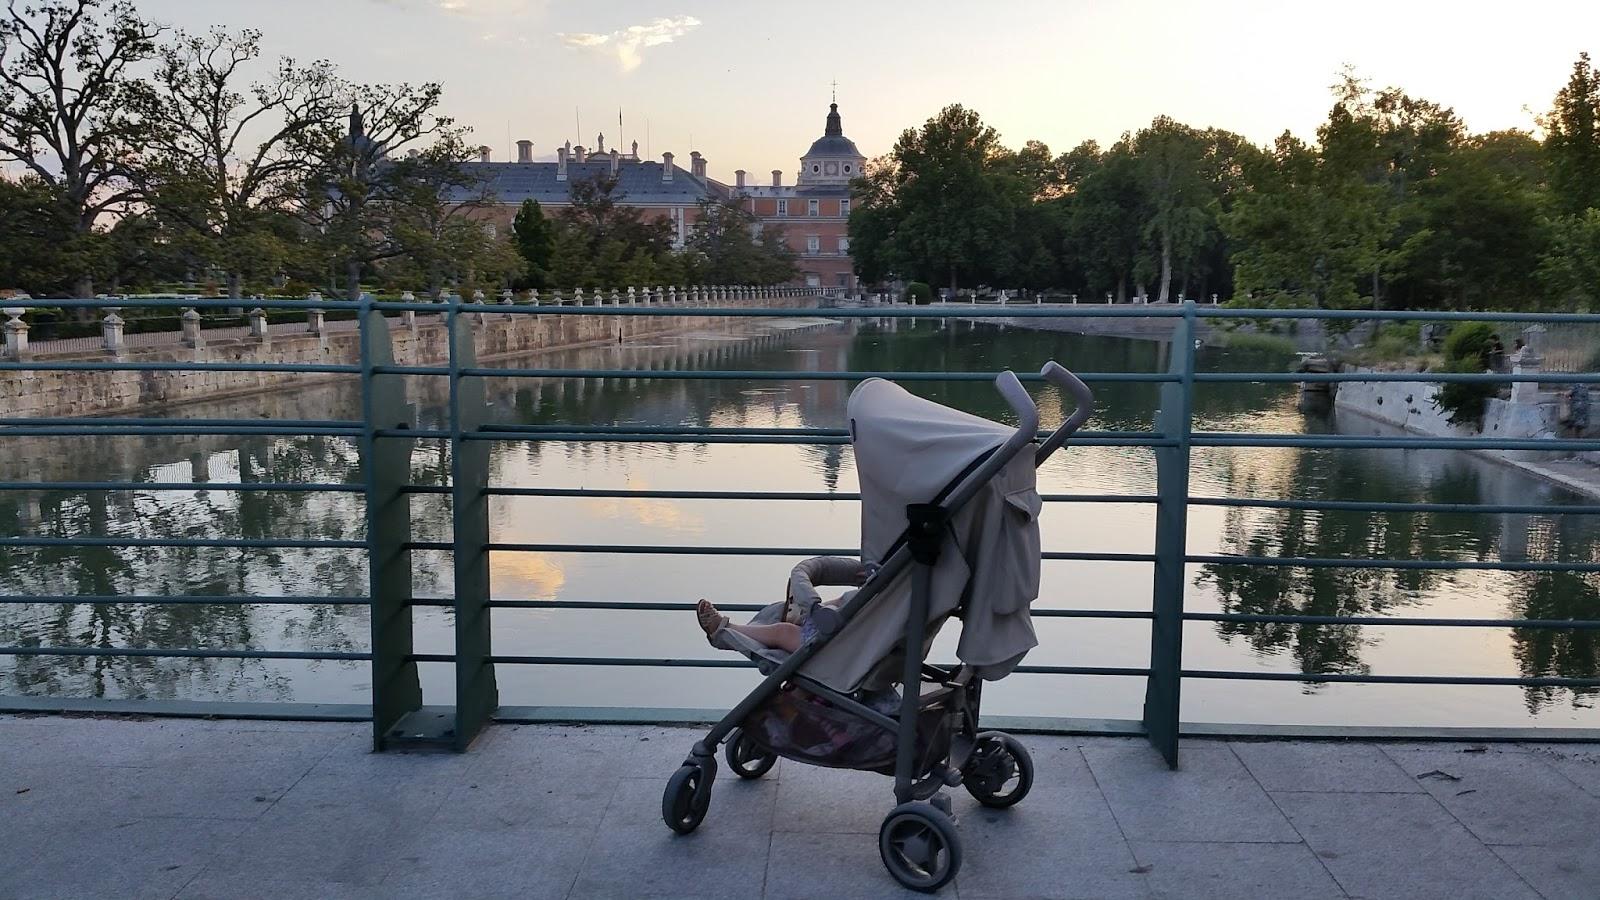 Mami a la moda spot de b b car una gran silla de paseo - Silla de paseo bebecar ...